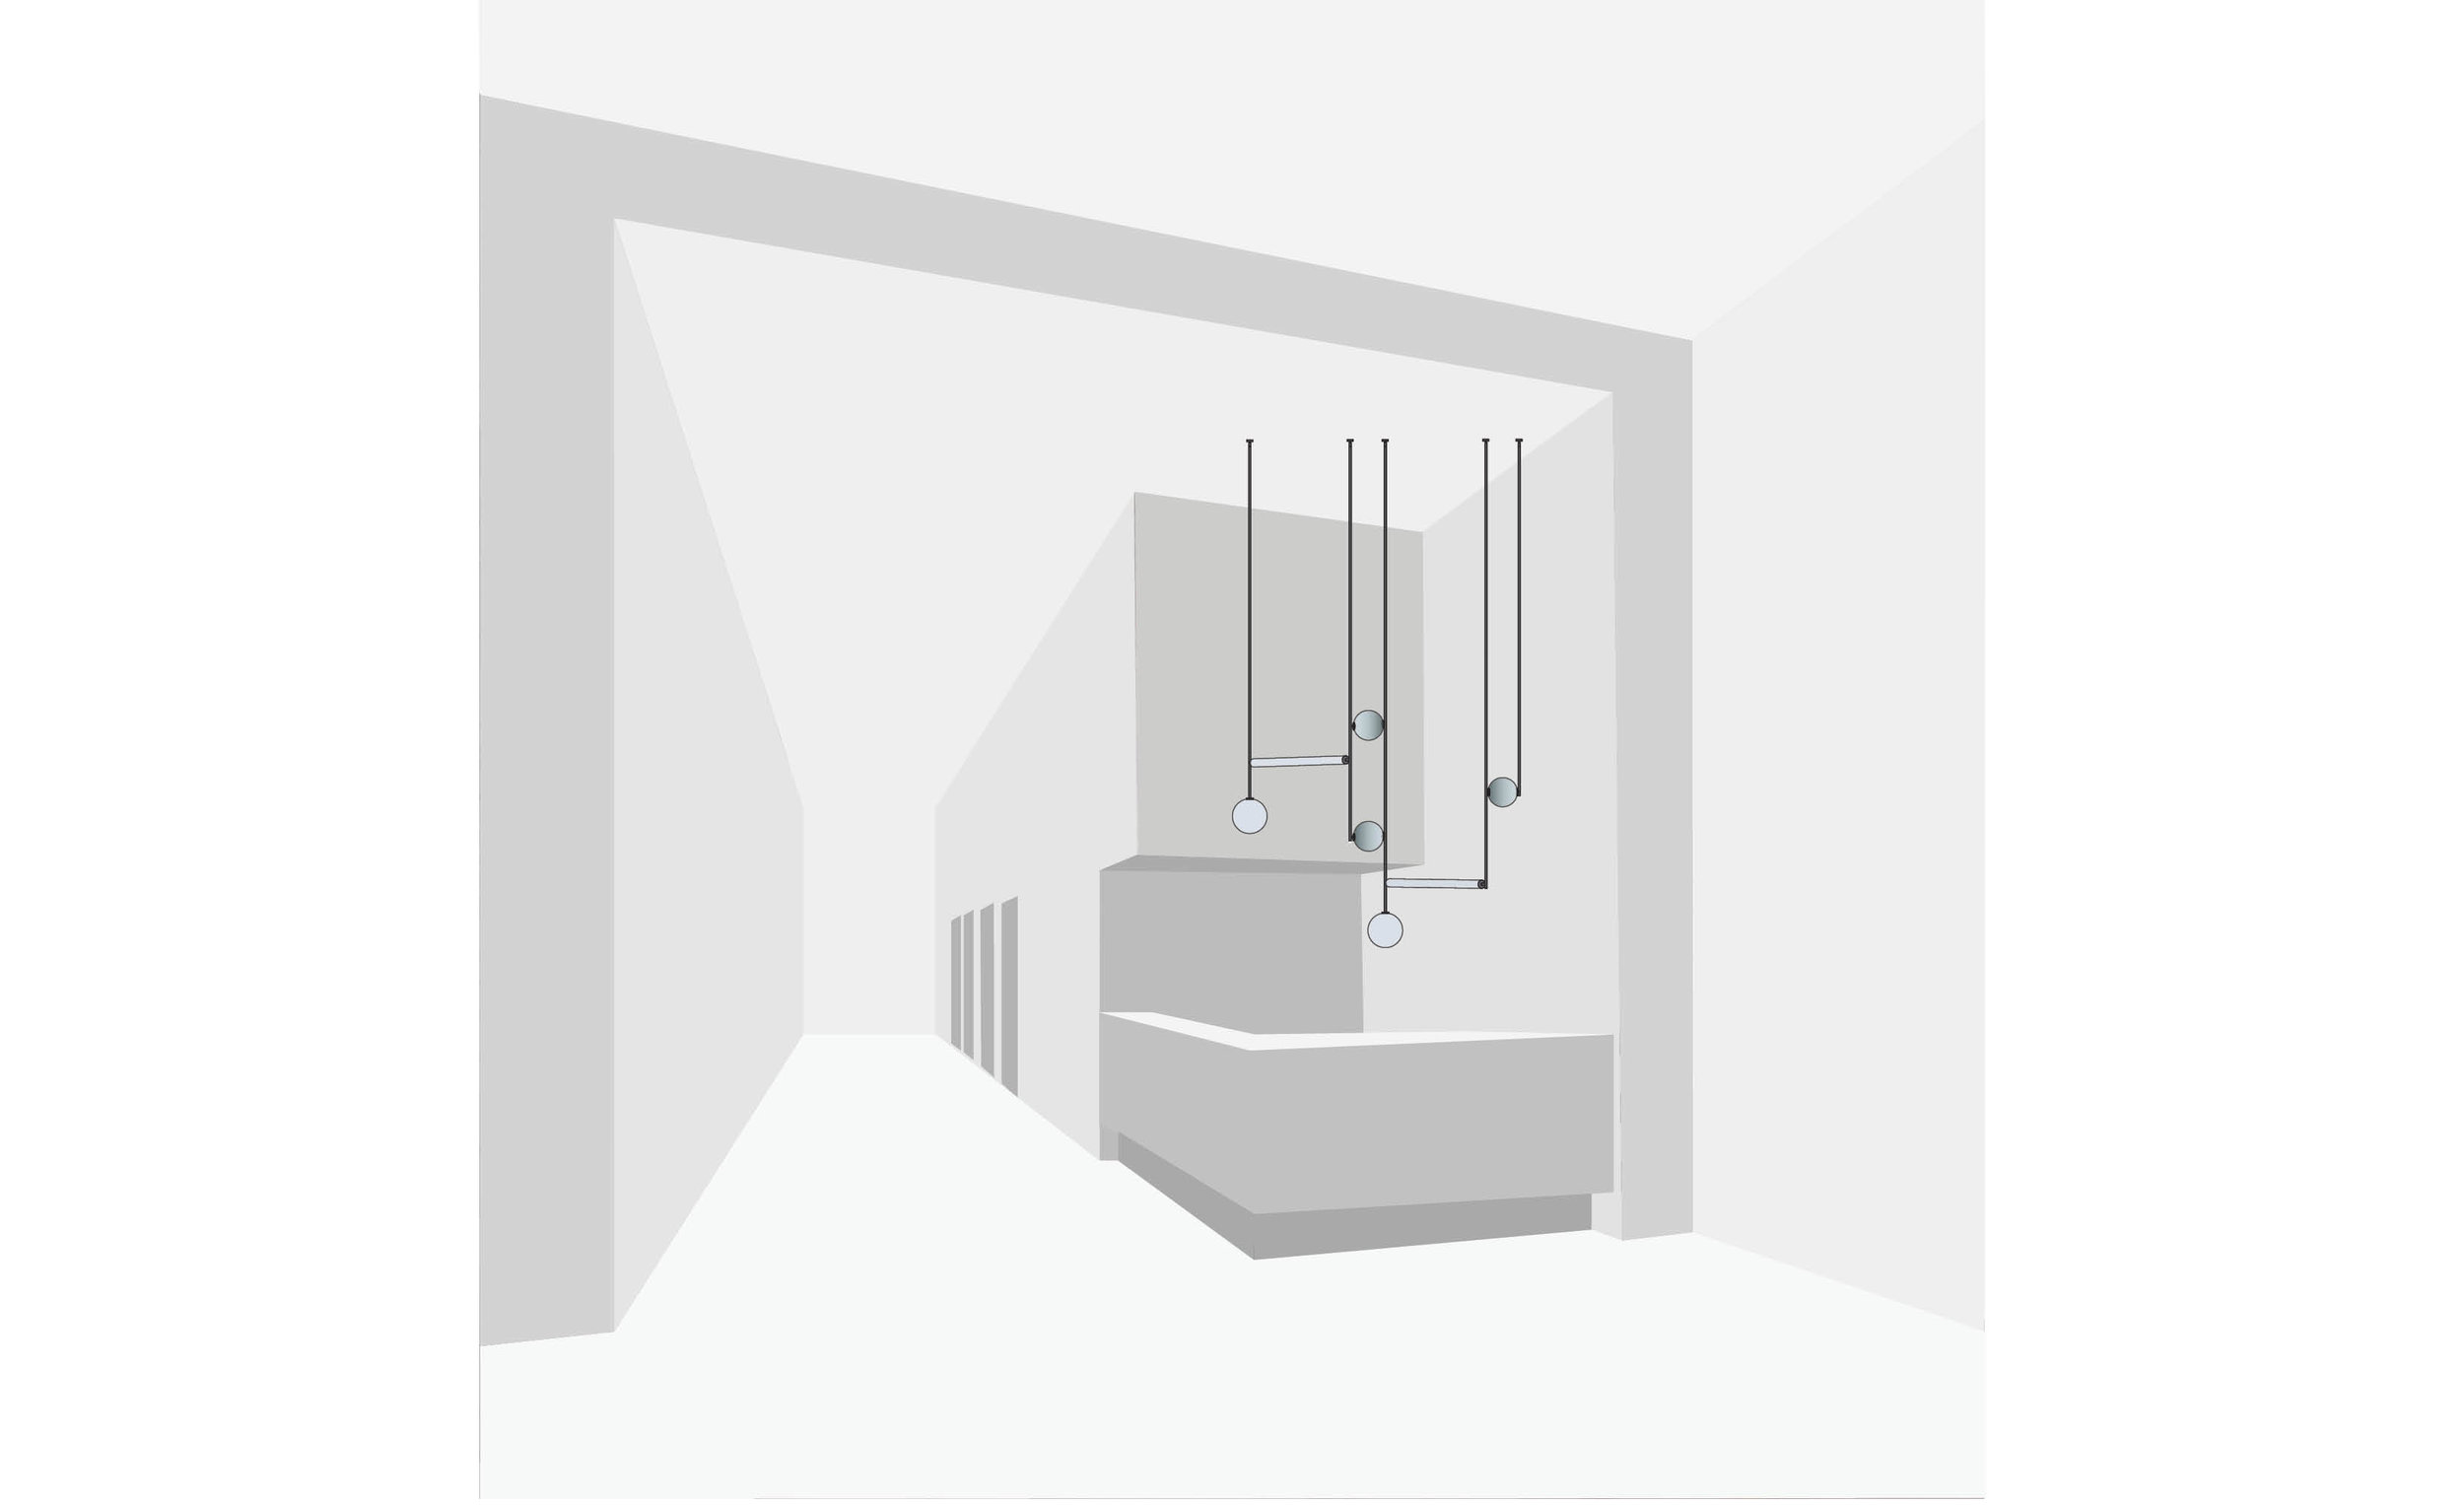 Equalizer - Custom Screen